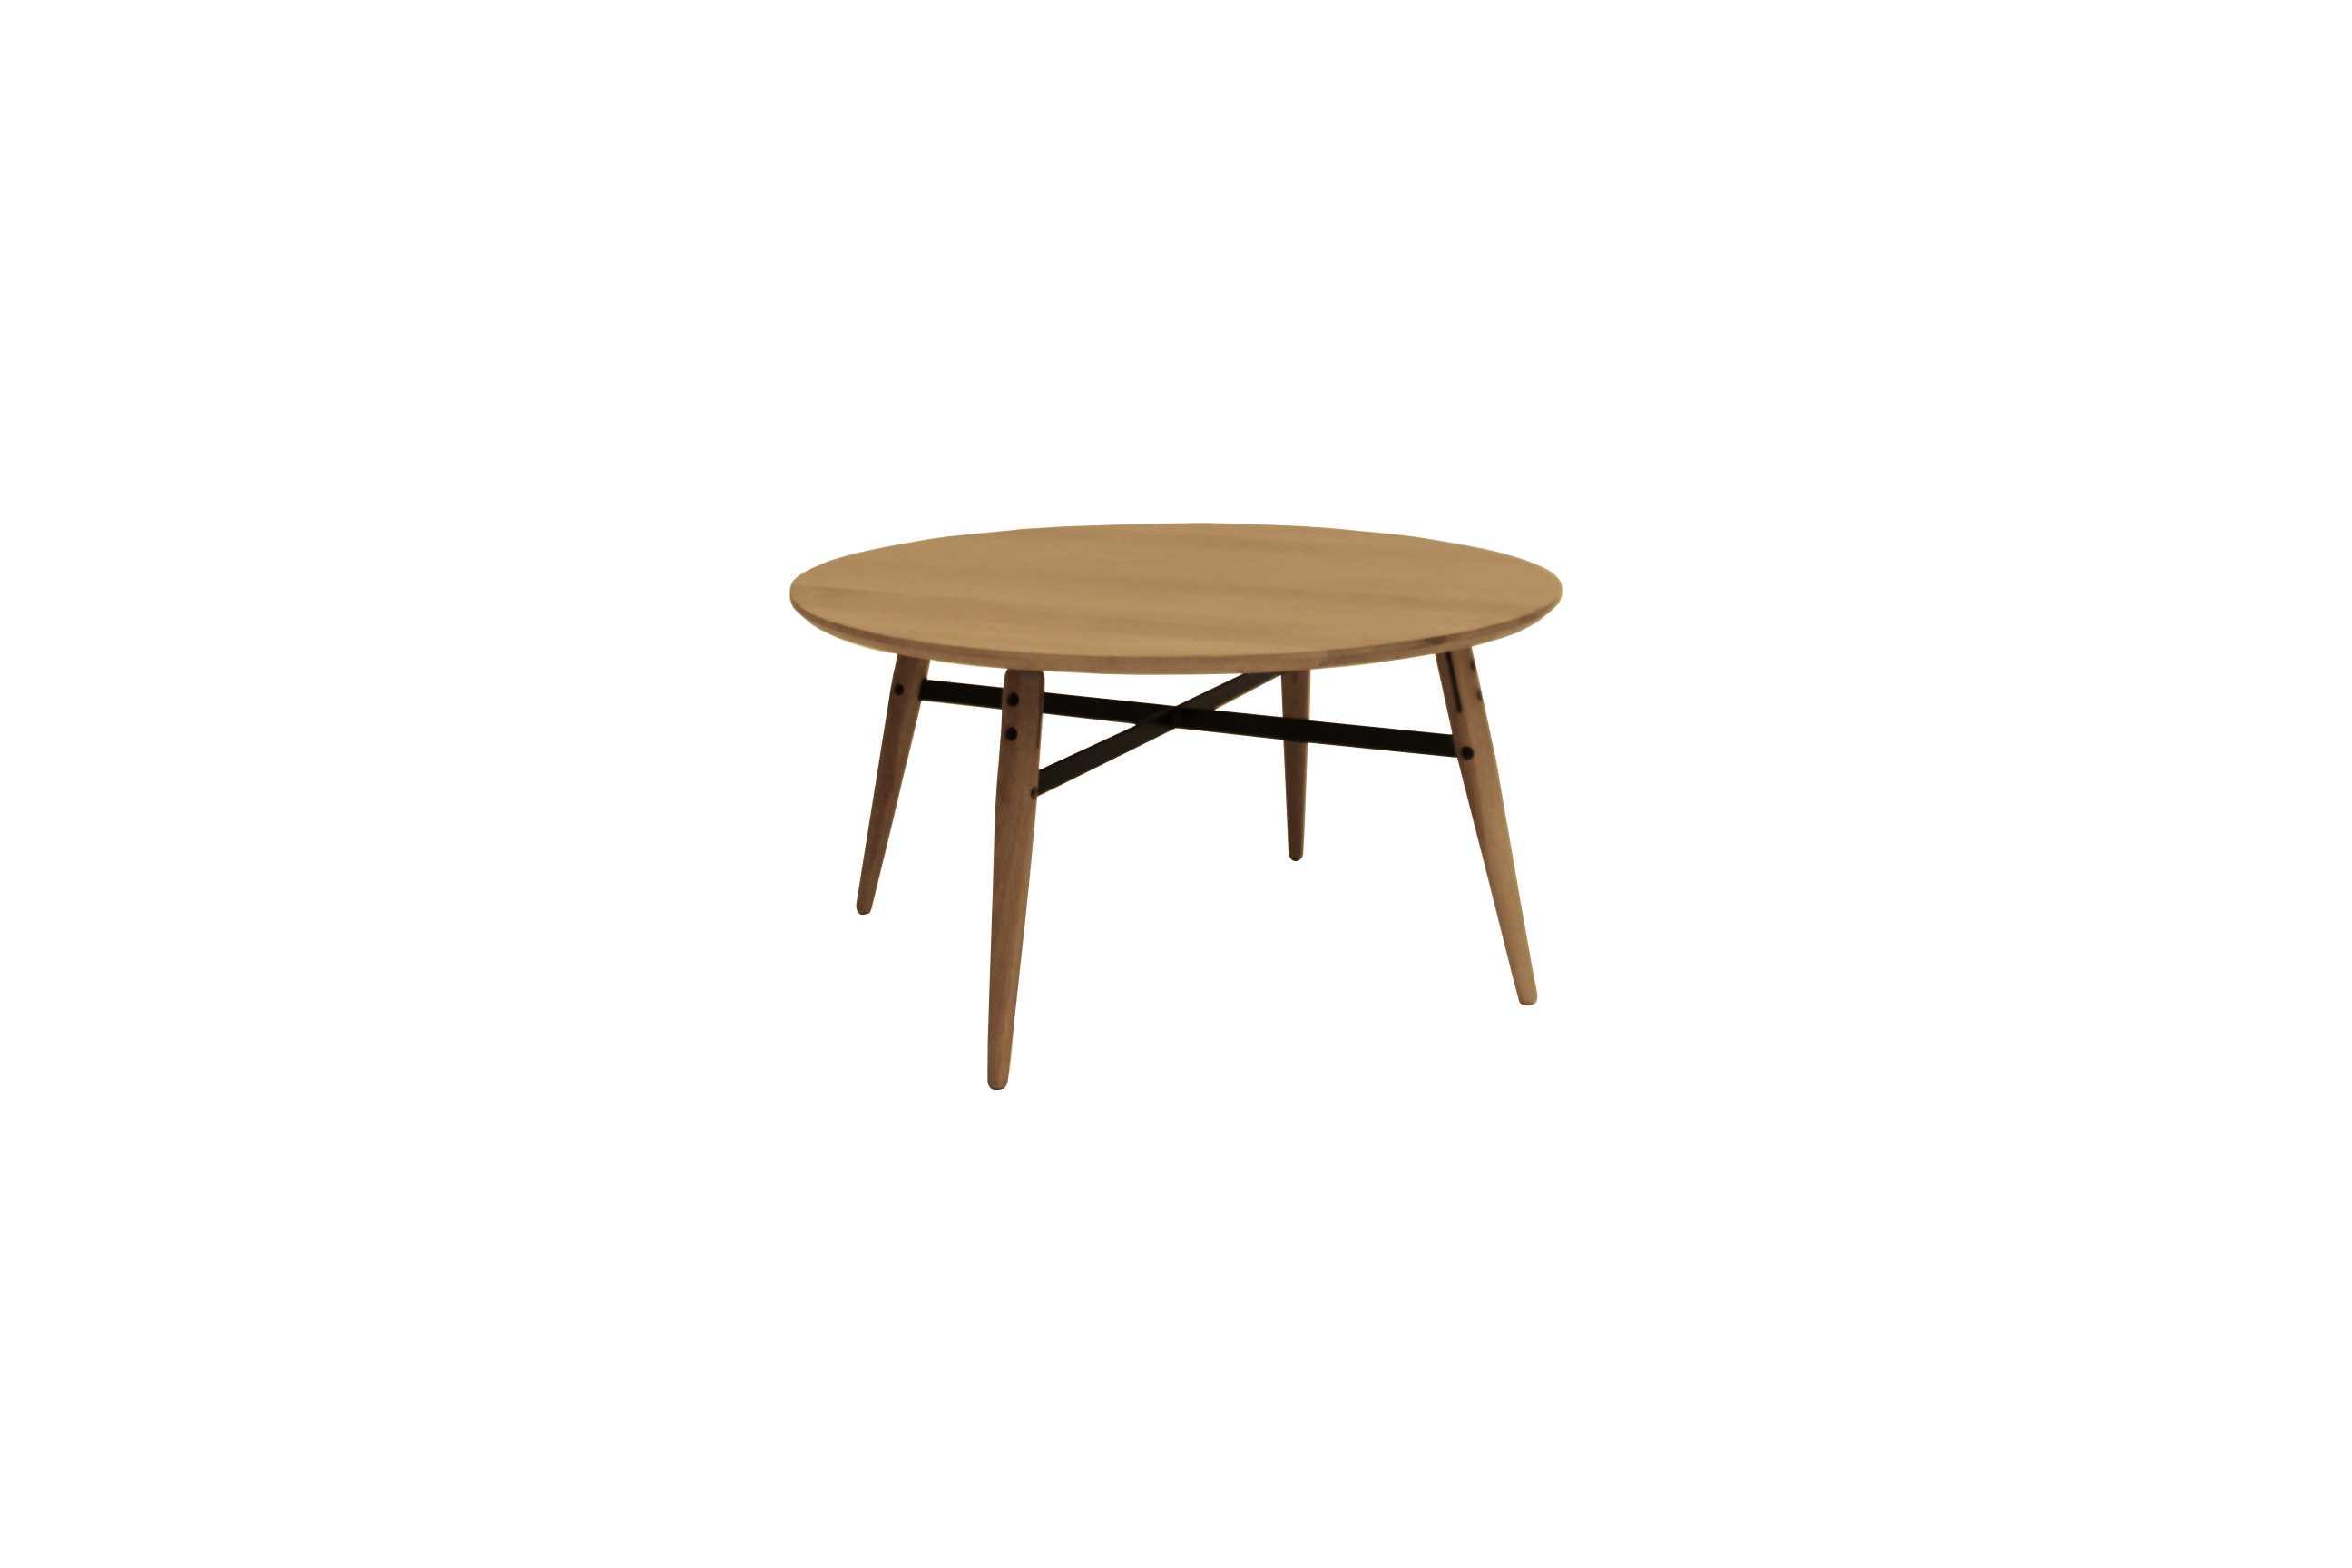 canett – Exact sofabord fra boboonline.dk